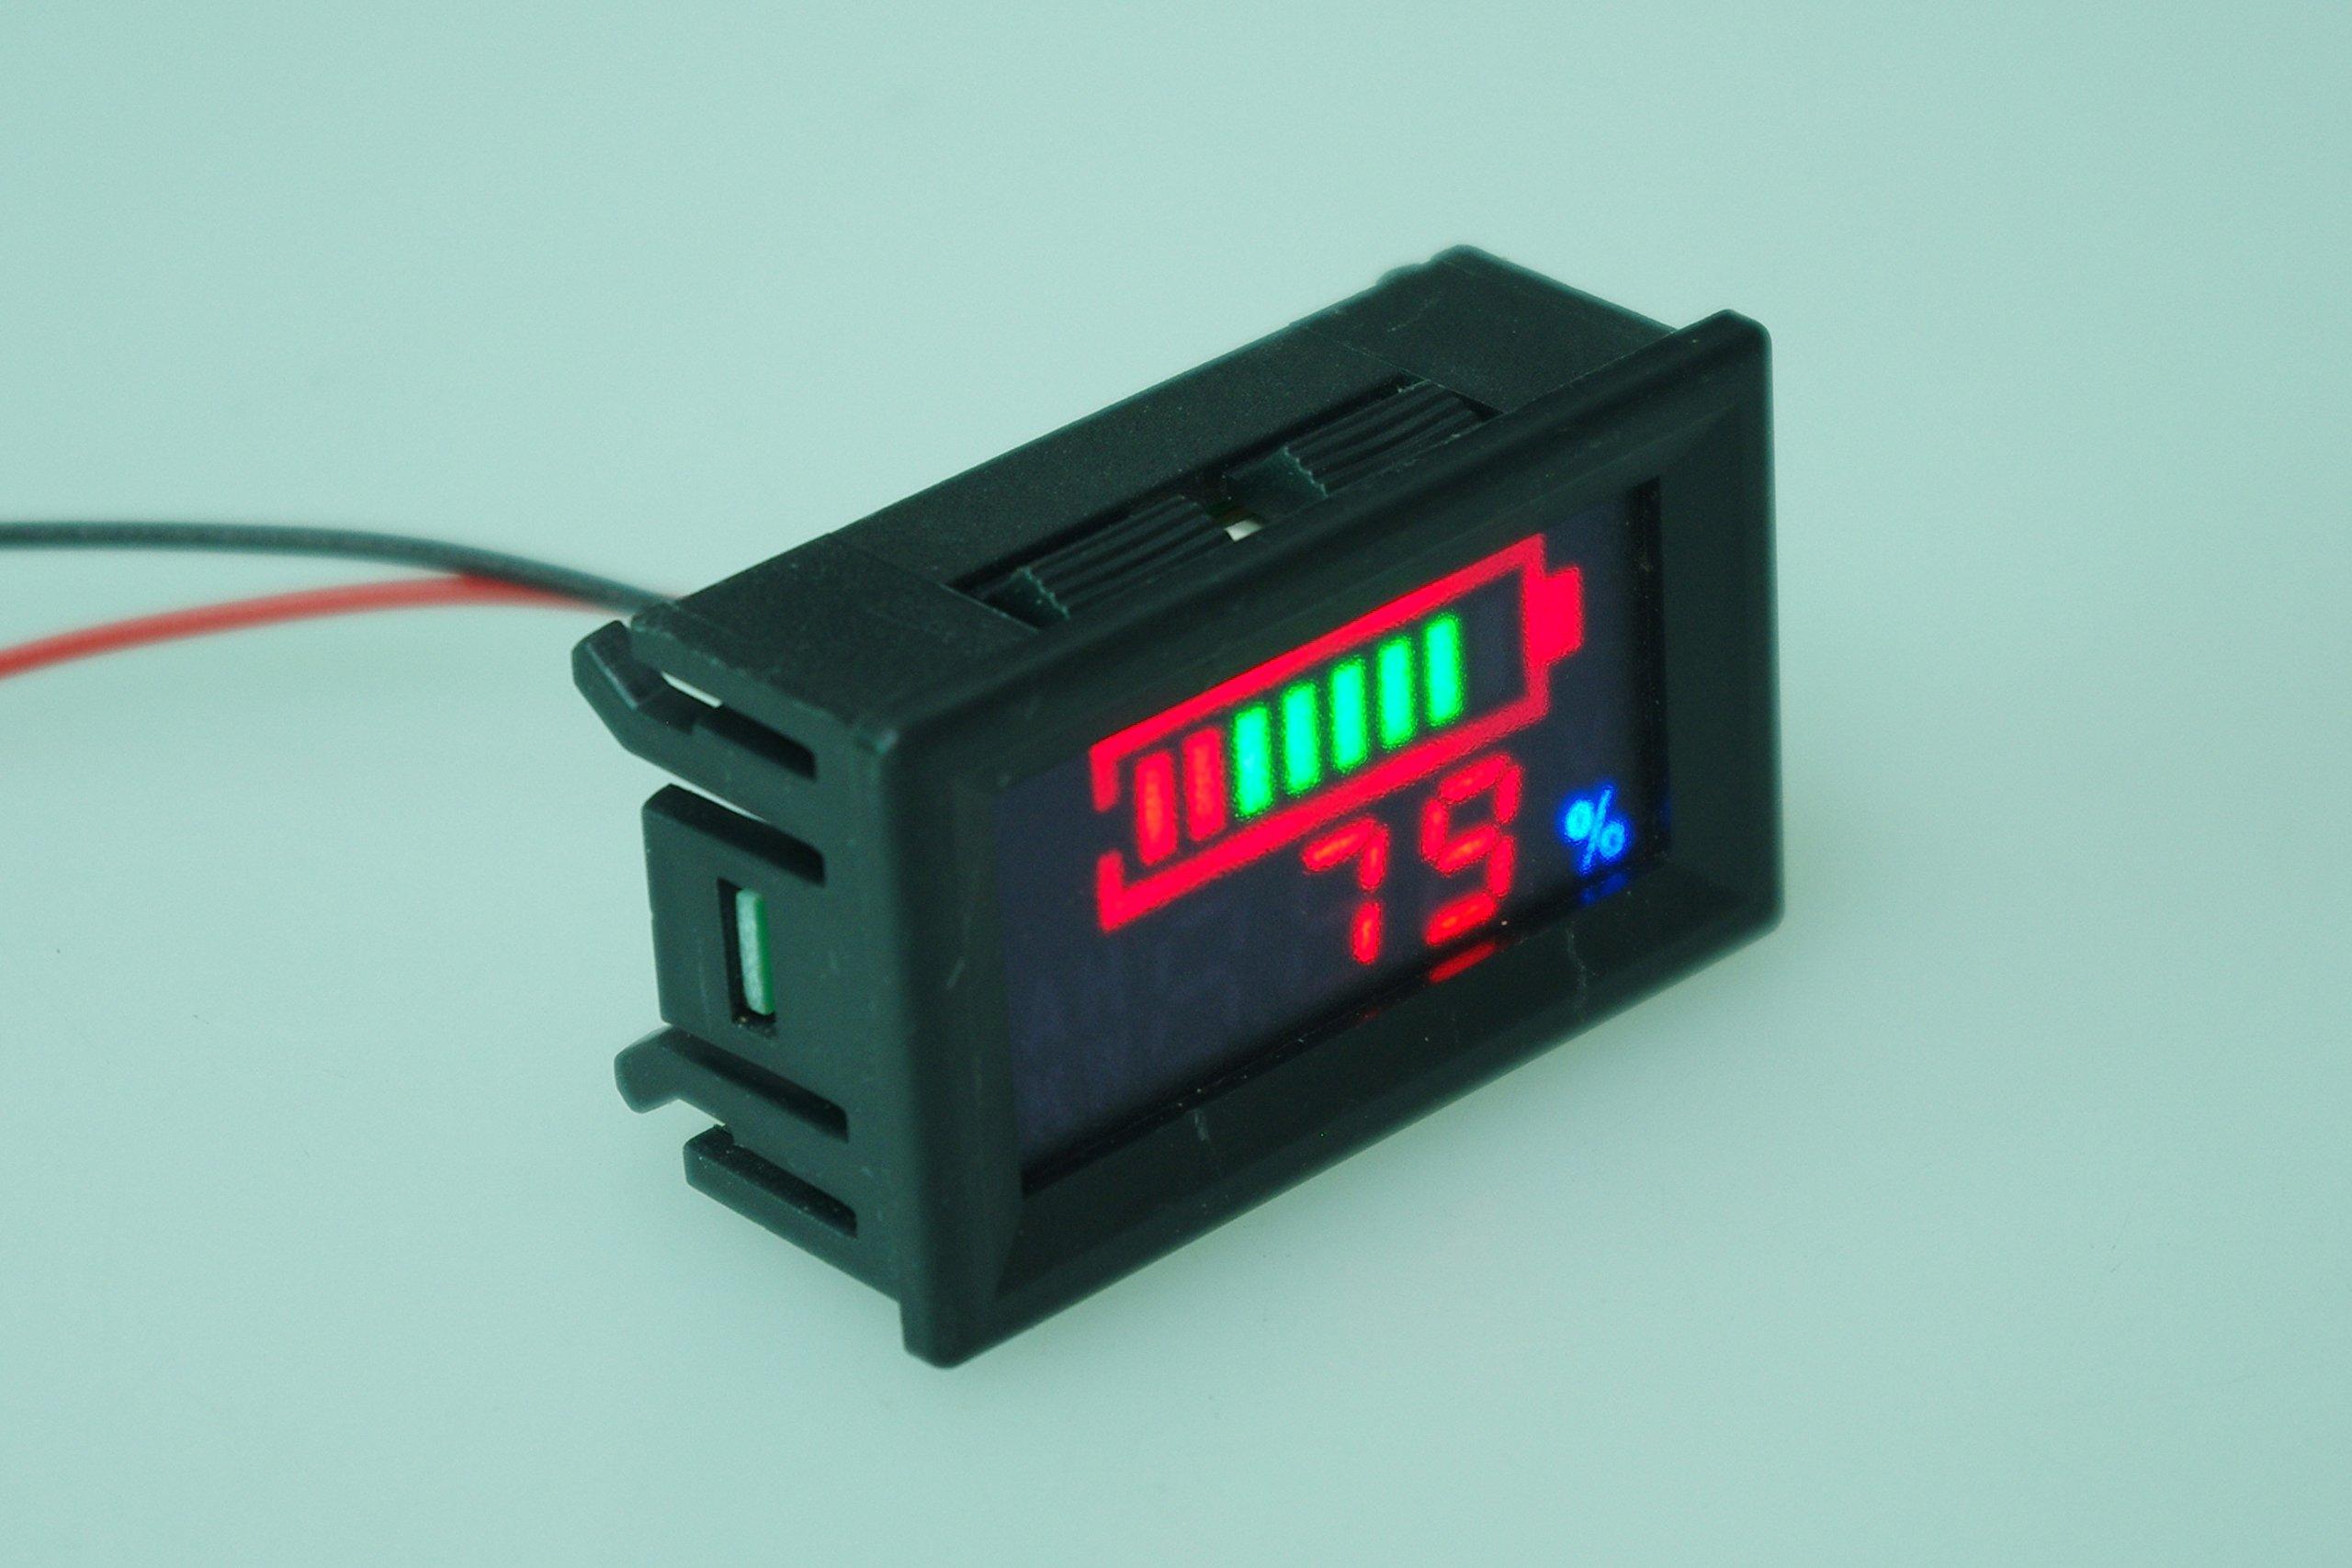 SMAKN DC 12v 24V 36V 48V 60V 72V 96V Acid lead batteries percentage capacity indicator LED Tester voltmeter With TTL OUTPUT